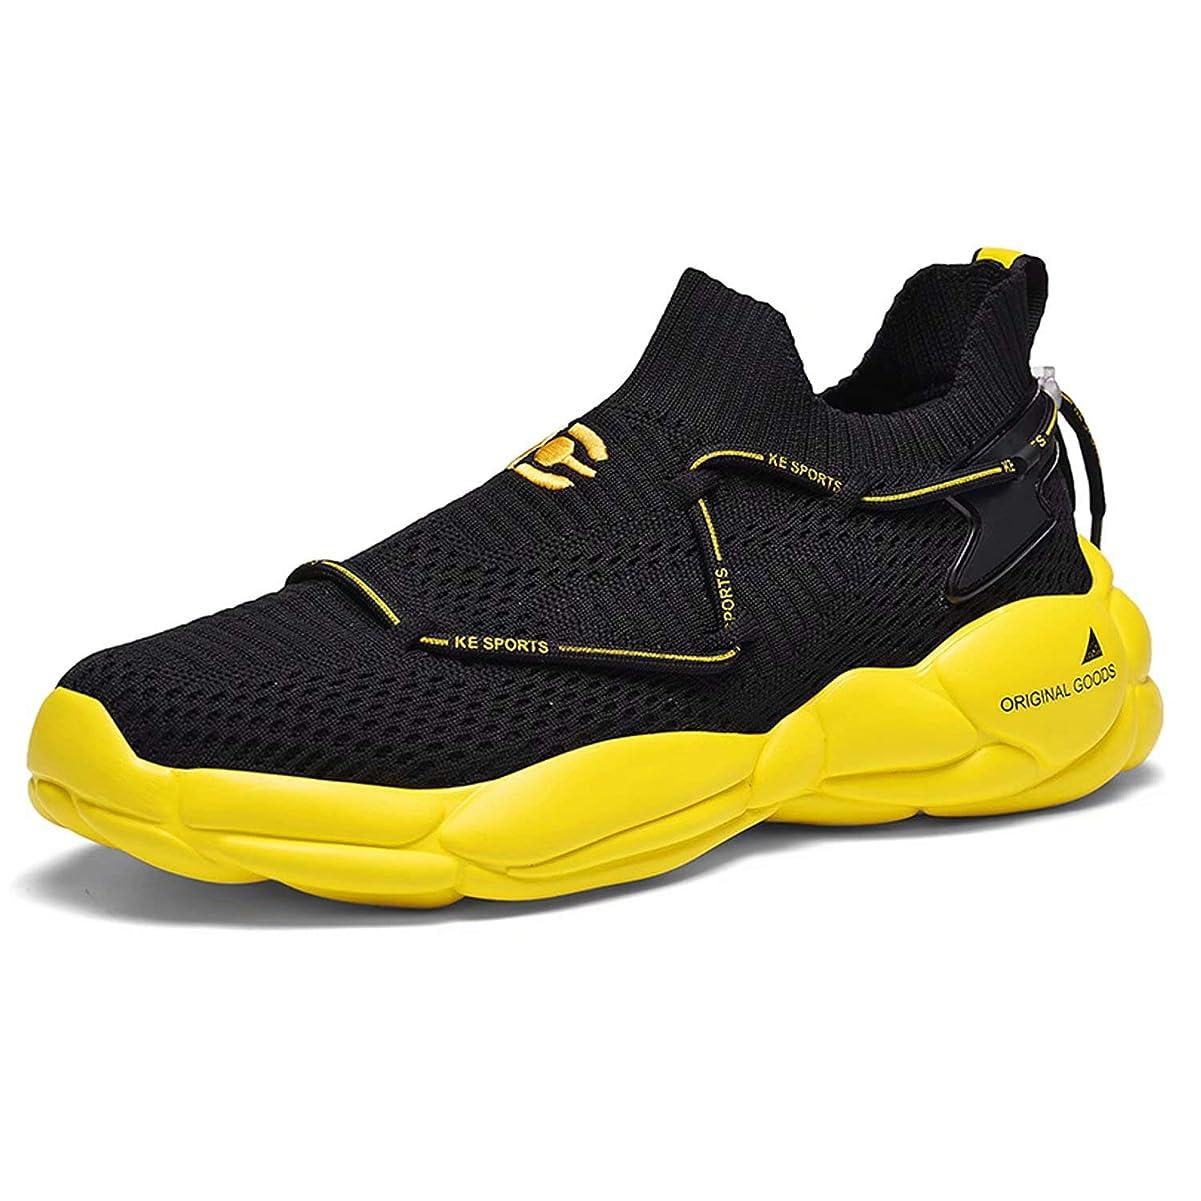 毎年カフェテリア曖昧な[Visionreast] 超軽量 スニーカー ランニングシューズ おしゃれ メンズ レディース ジョギング ウォーキングシューズ 運動靴 スポーツ クッション性 トレーニングシューズ ジム 通気 幅広 通学 通勤 日常着用 24.5cm~27.0cm